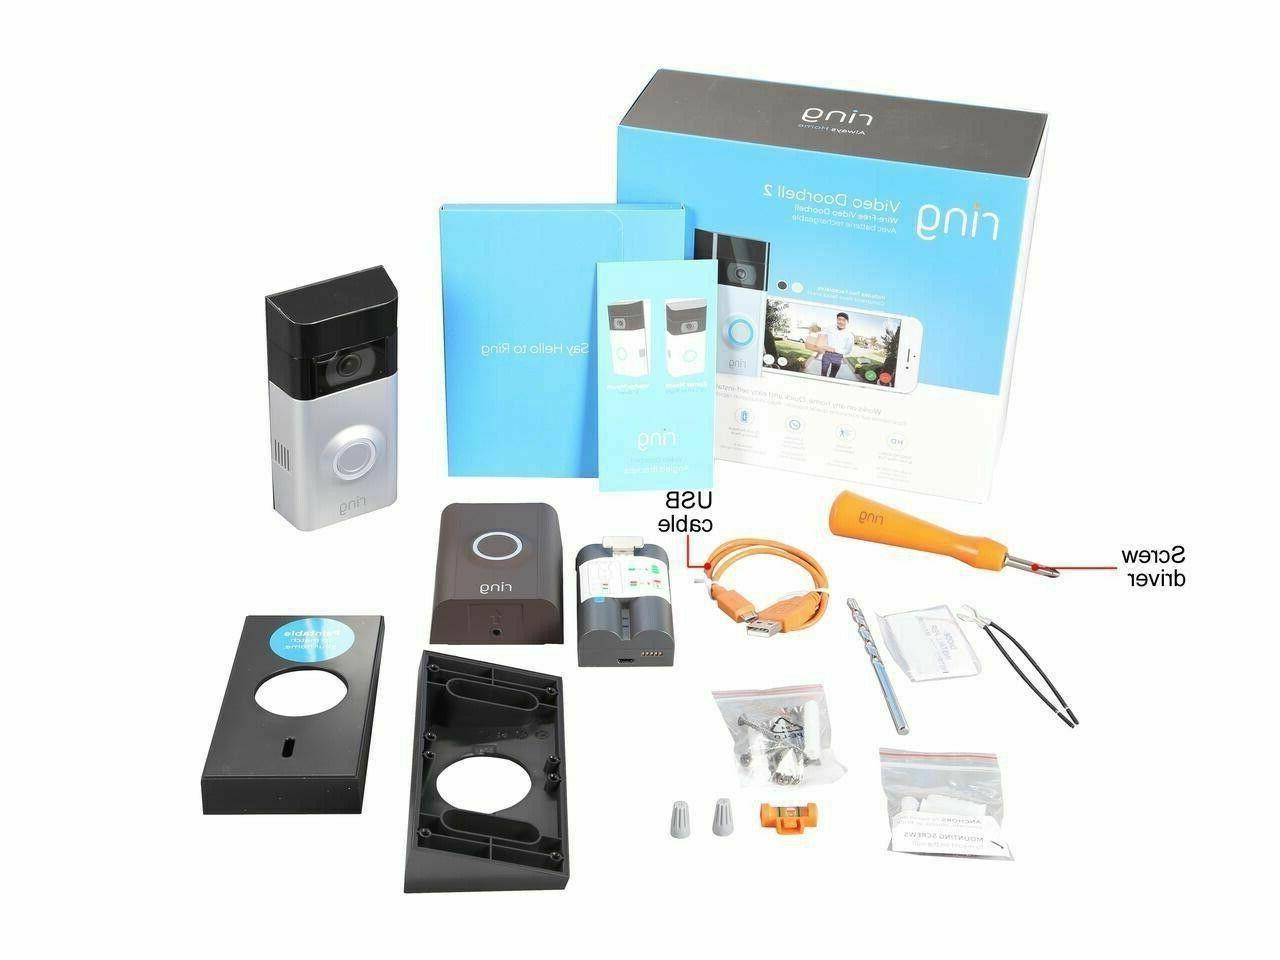 BRAND Ring Doorbell Doorbell with Warranty!